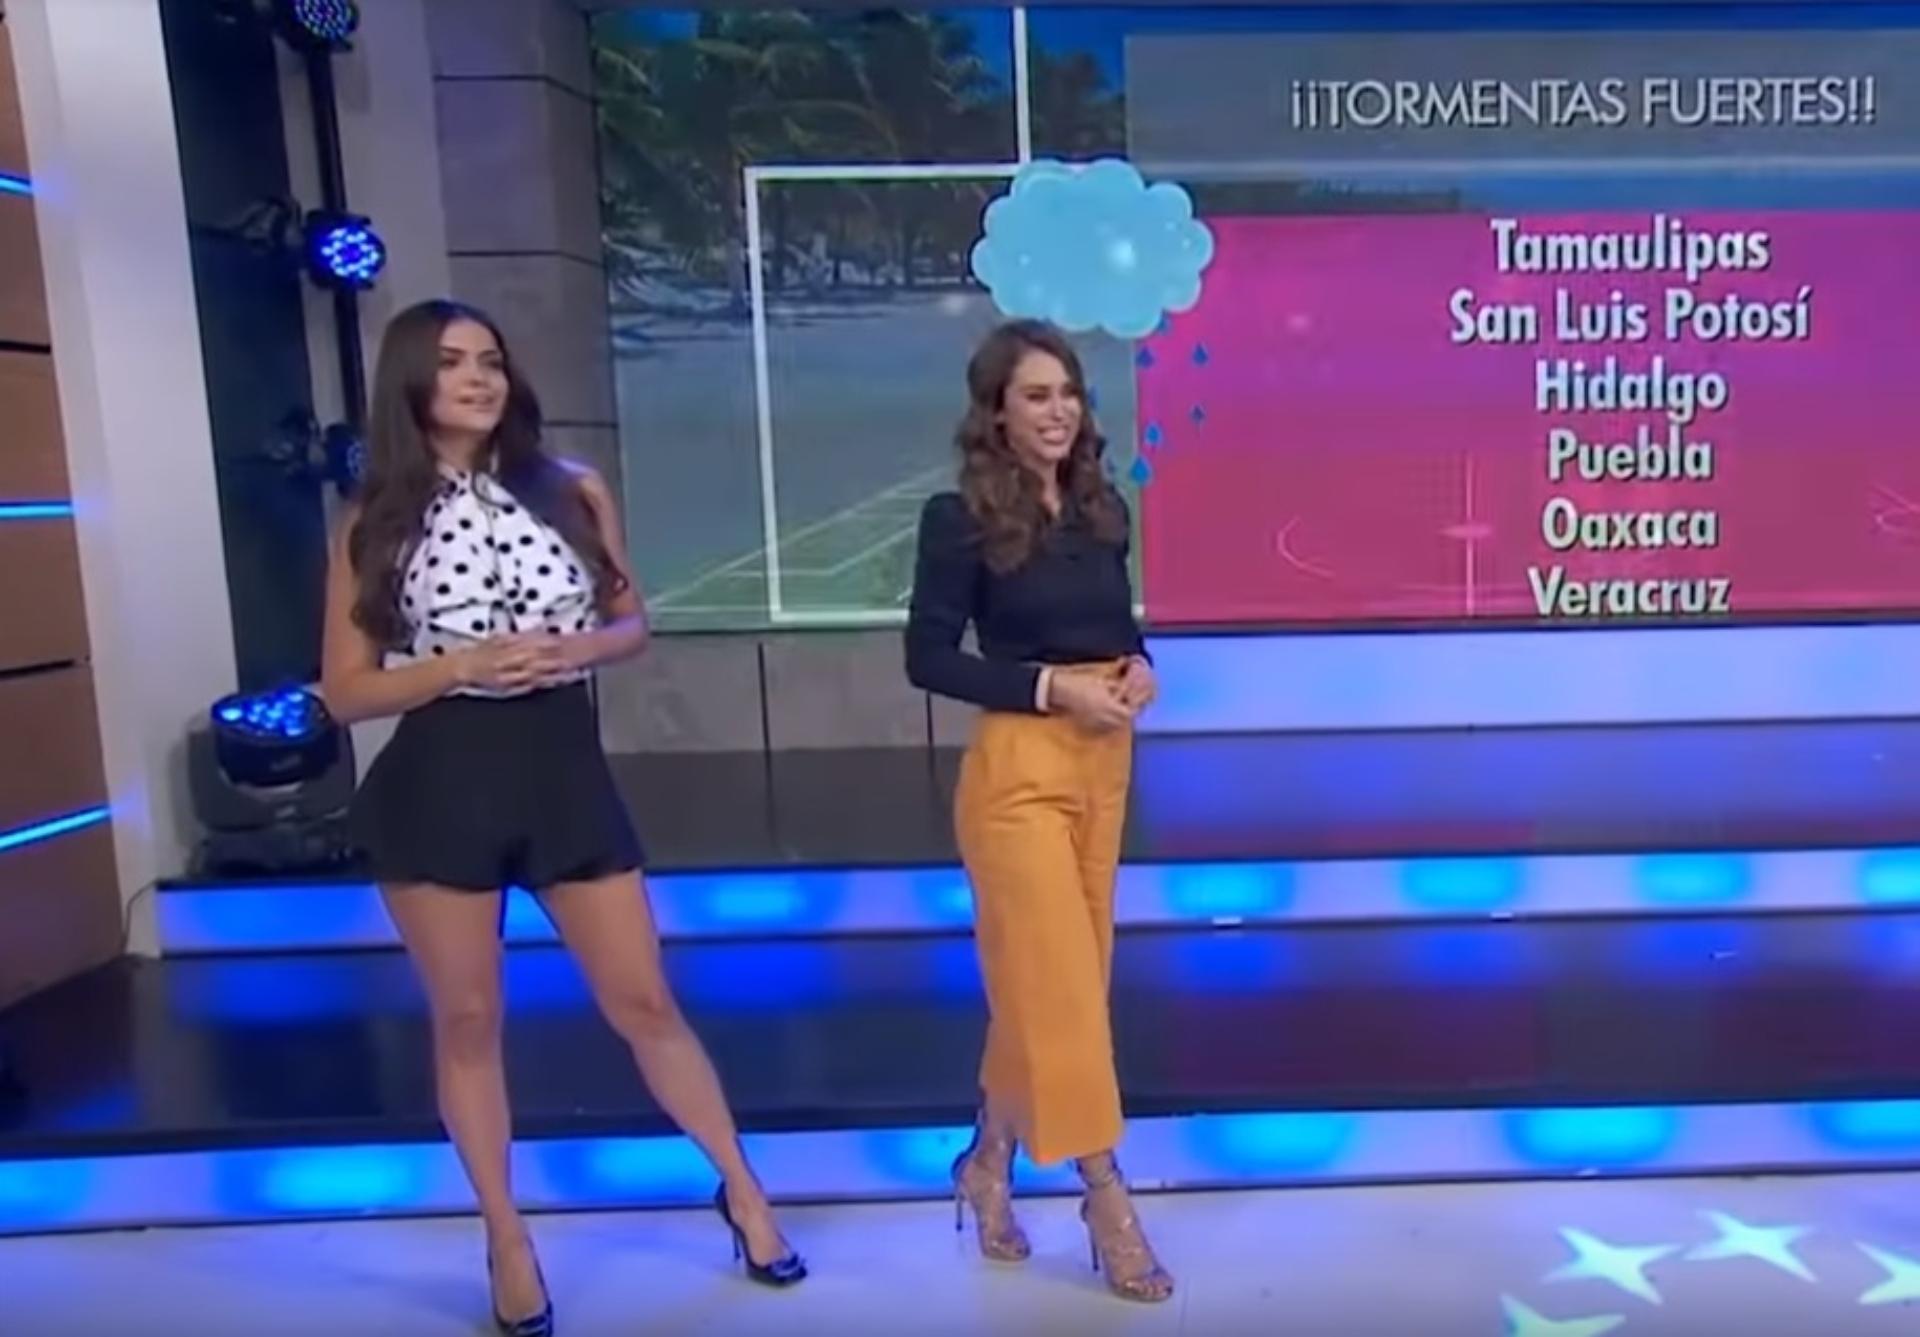 Durante la sección del clima de Hoy, Yanet lució incomoda al compartir la cámara con Marisol (Foto: Captura Youtube – Hoy)